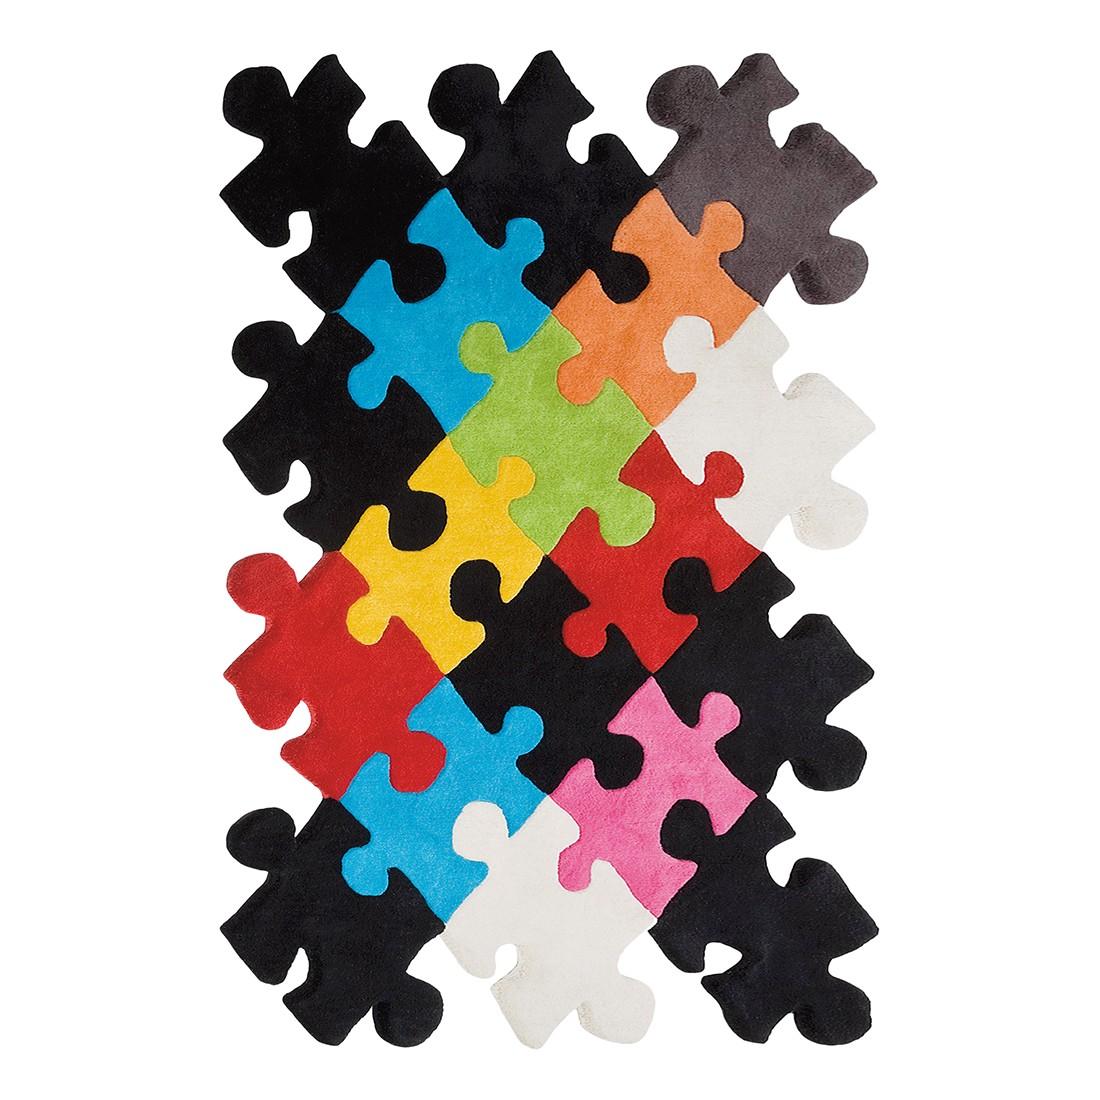 Teppich Puzzle – Wolle Mehrfarbig, Kare Design jetzt bestellen